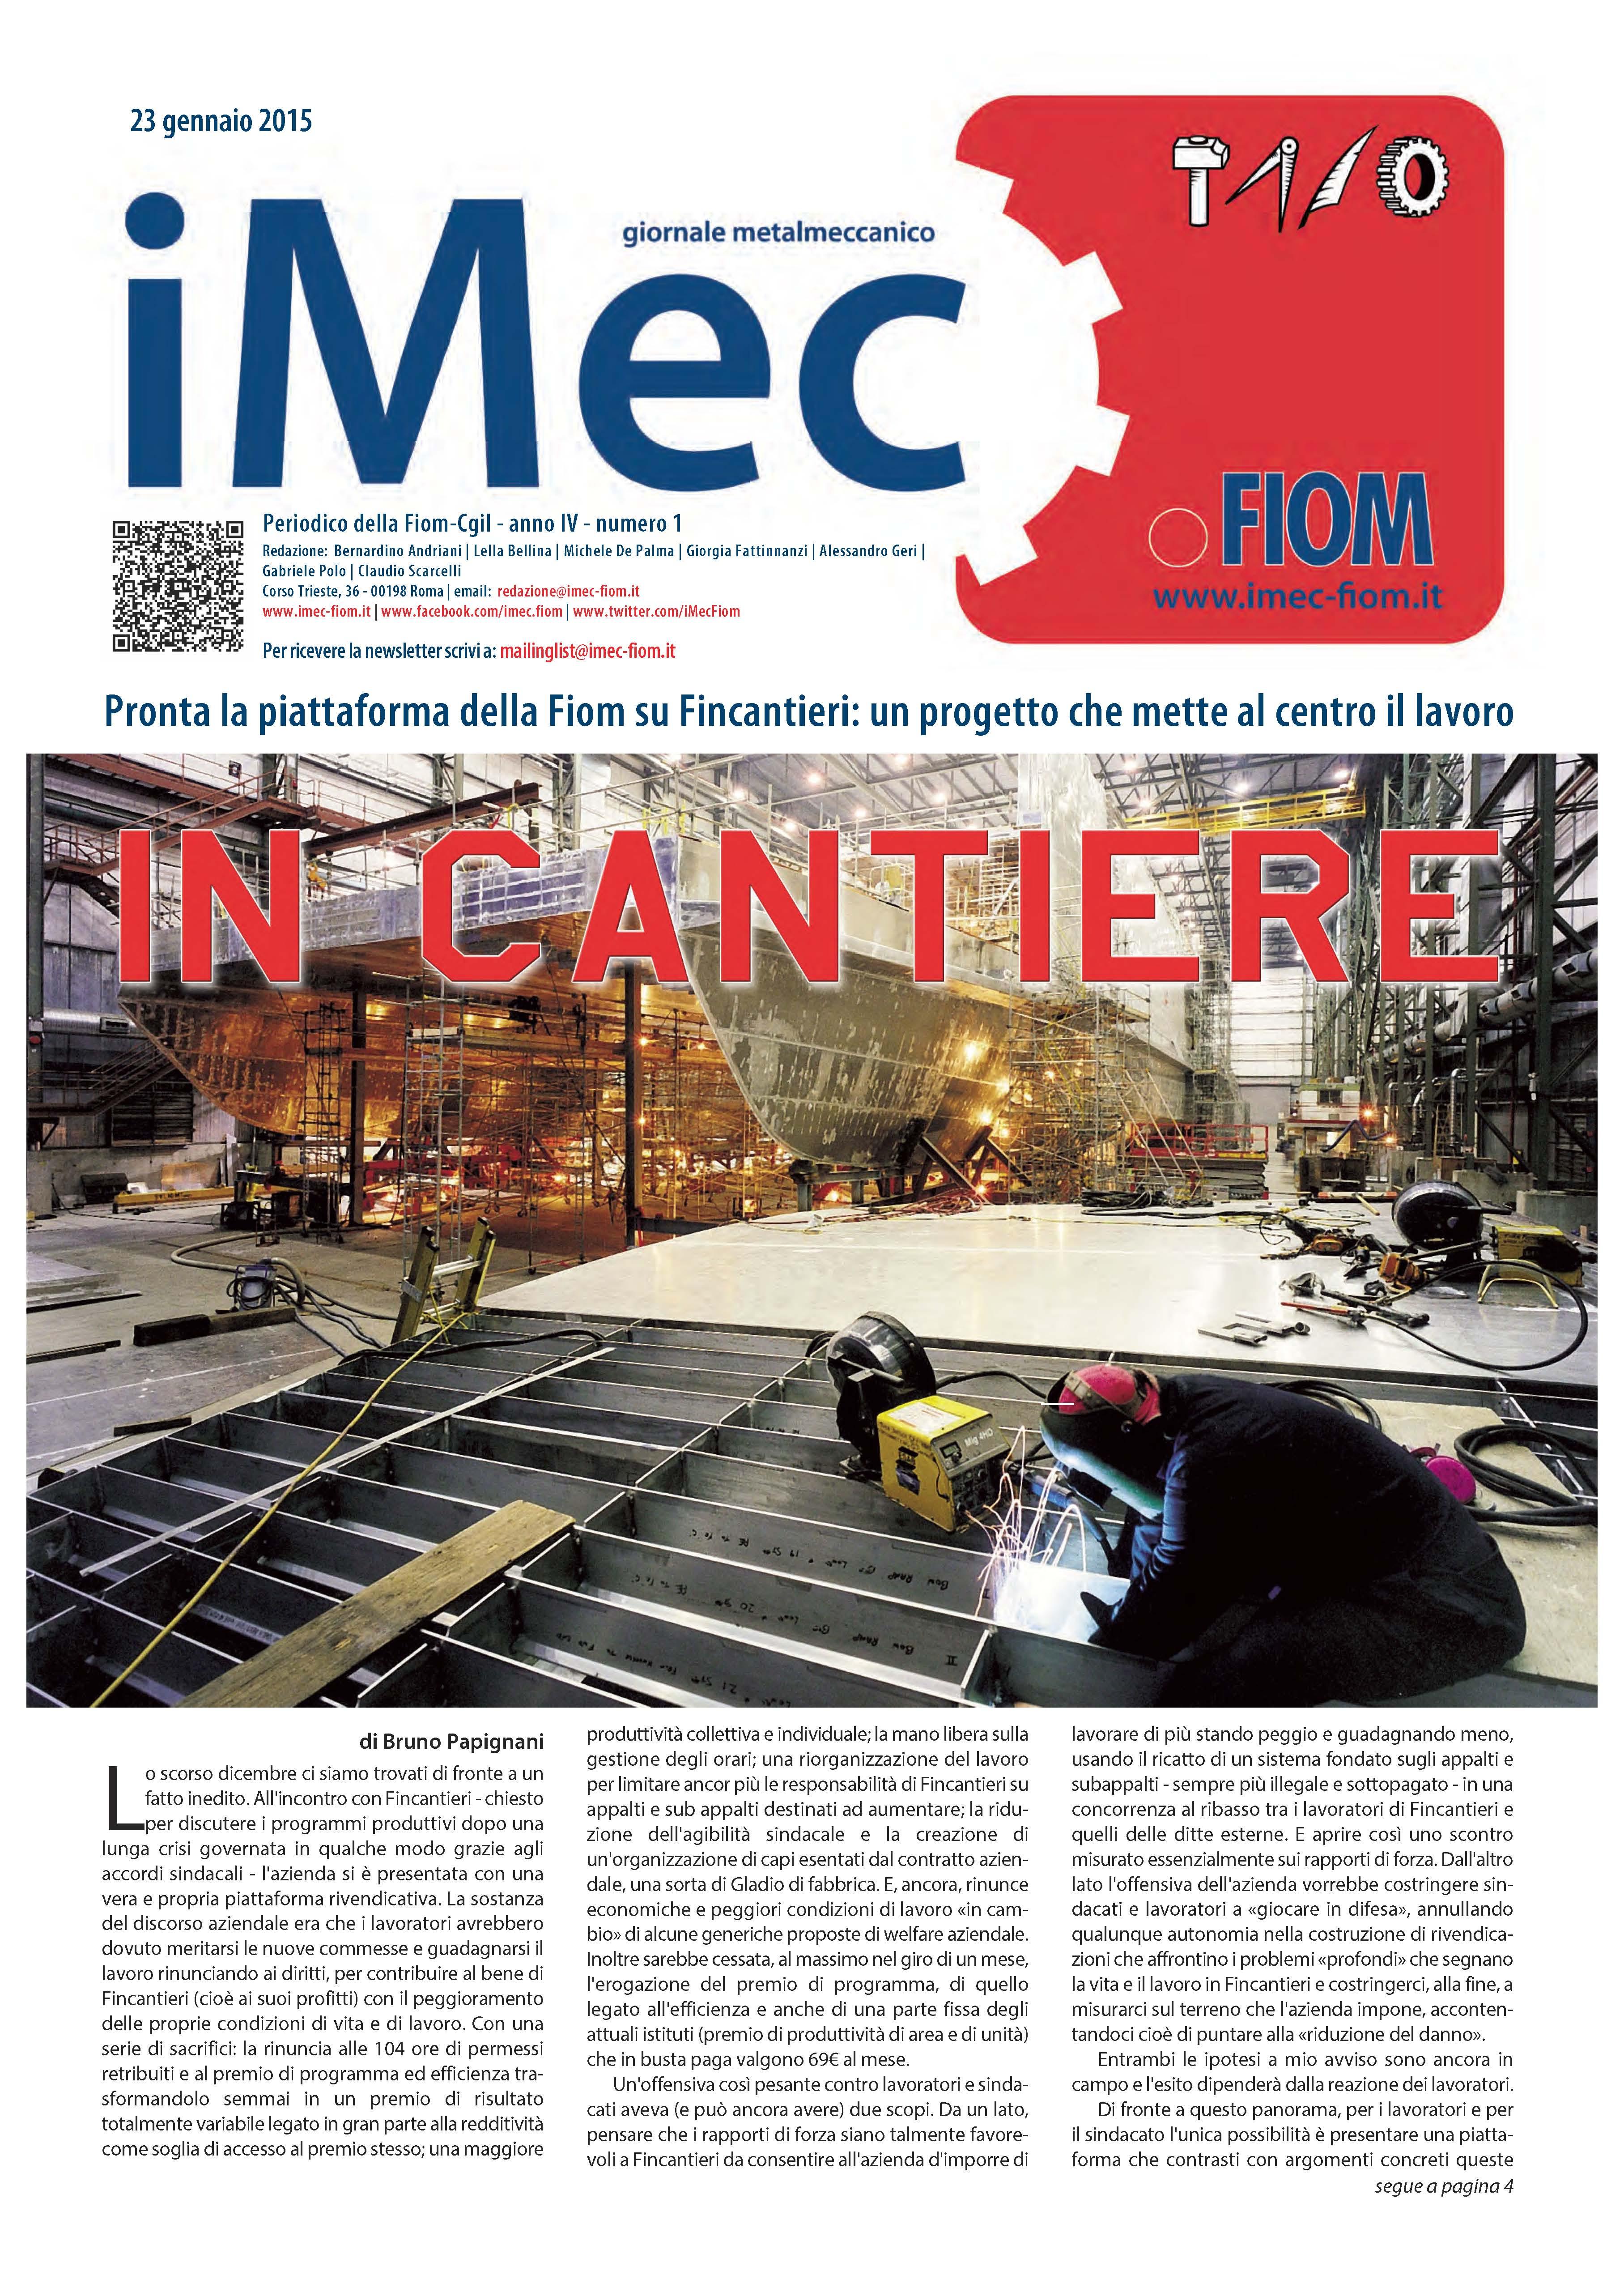 iMec - Giornale metalmeccanico